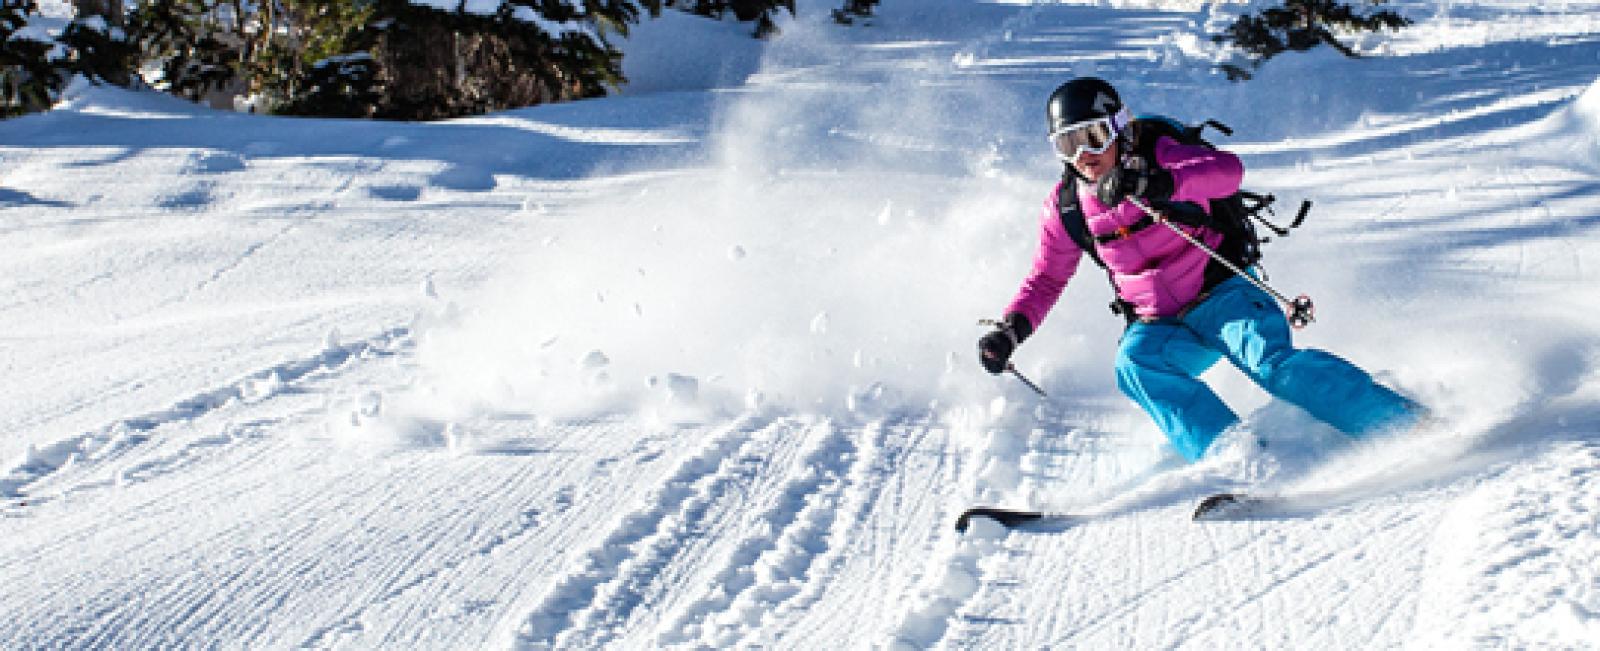 Powder Mountain Women's Ski/Board Program